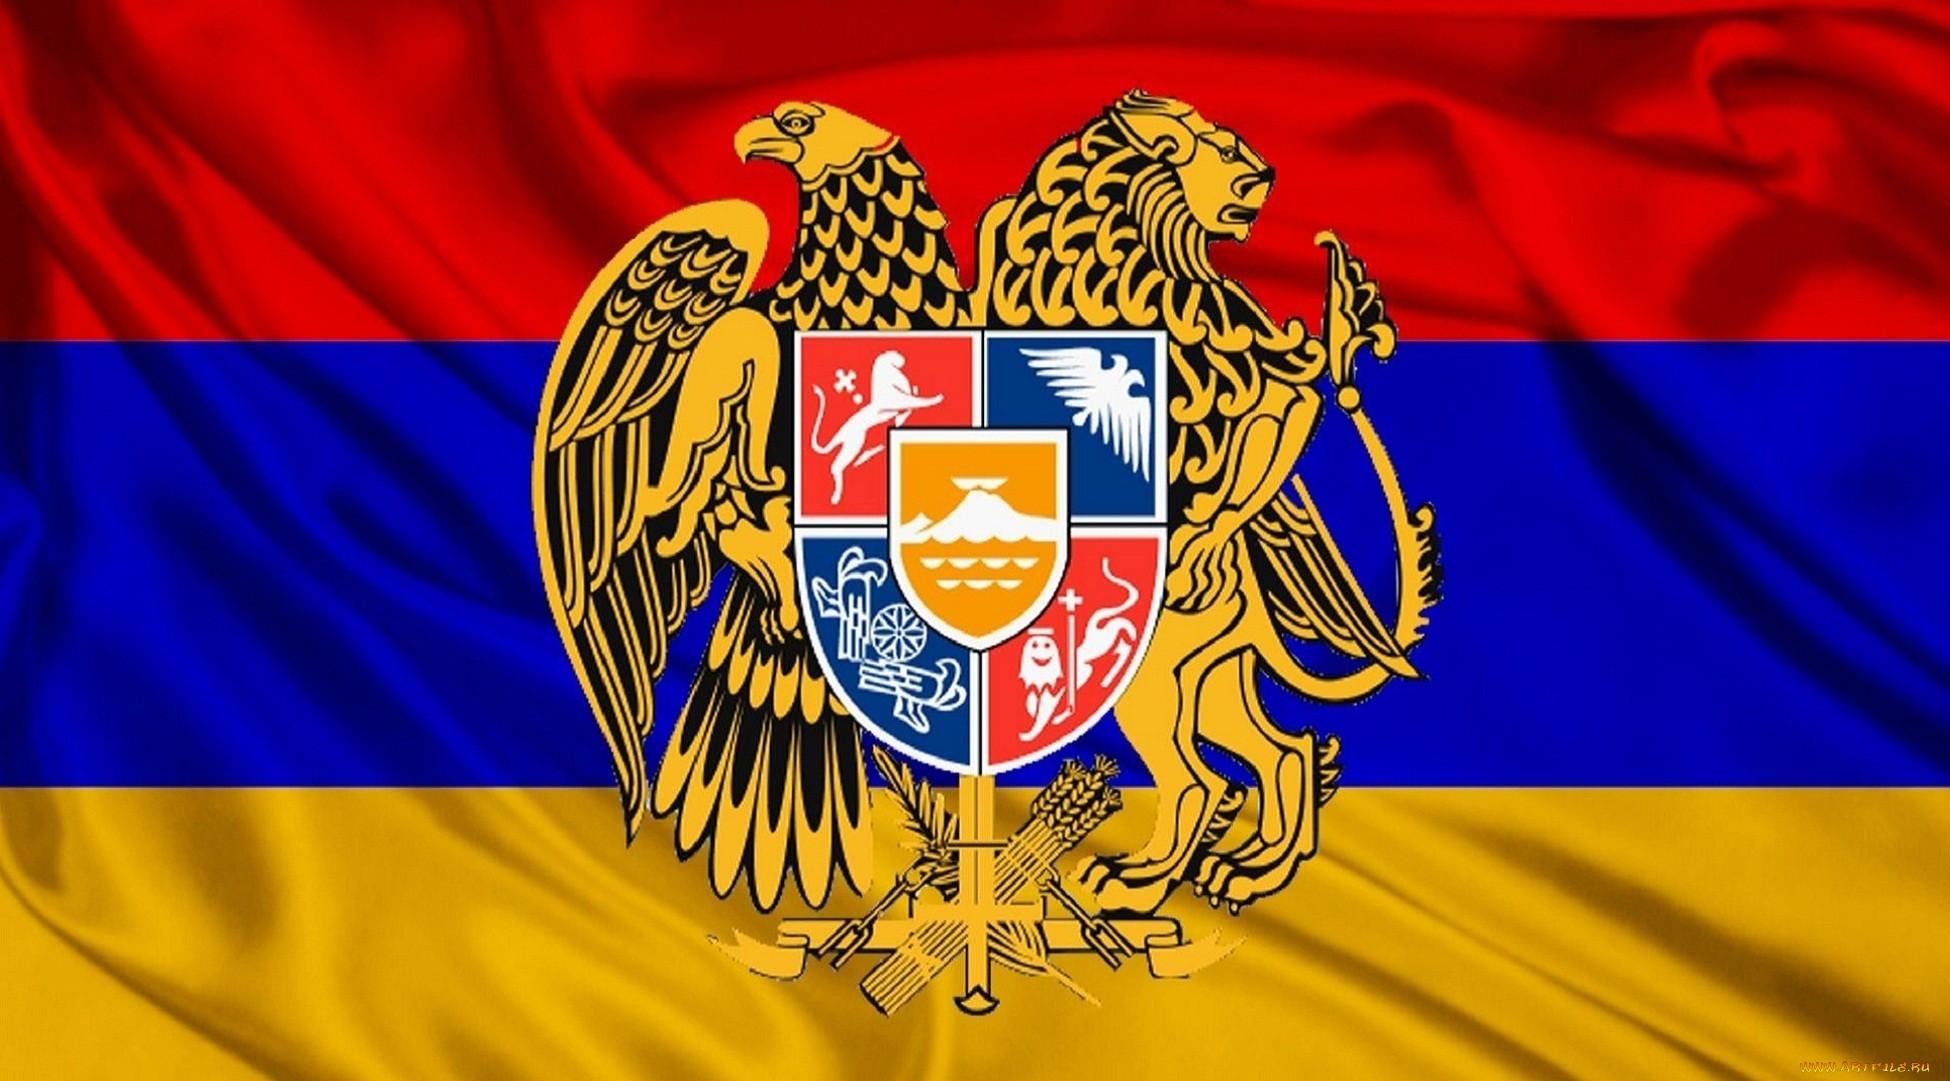 армения флаг и герб